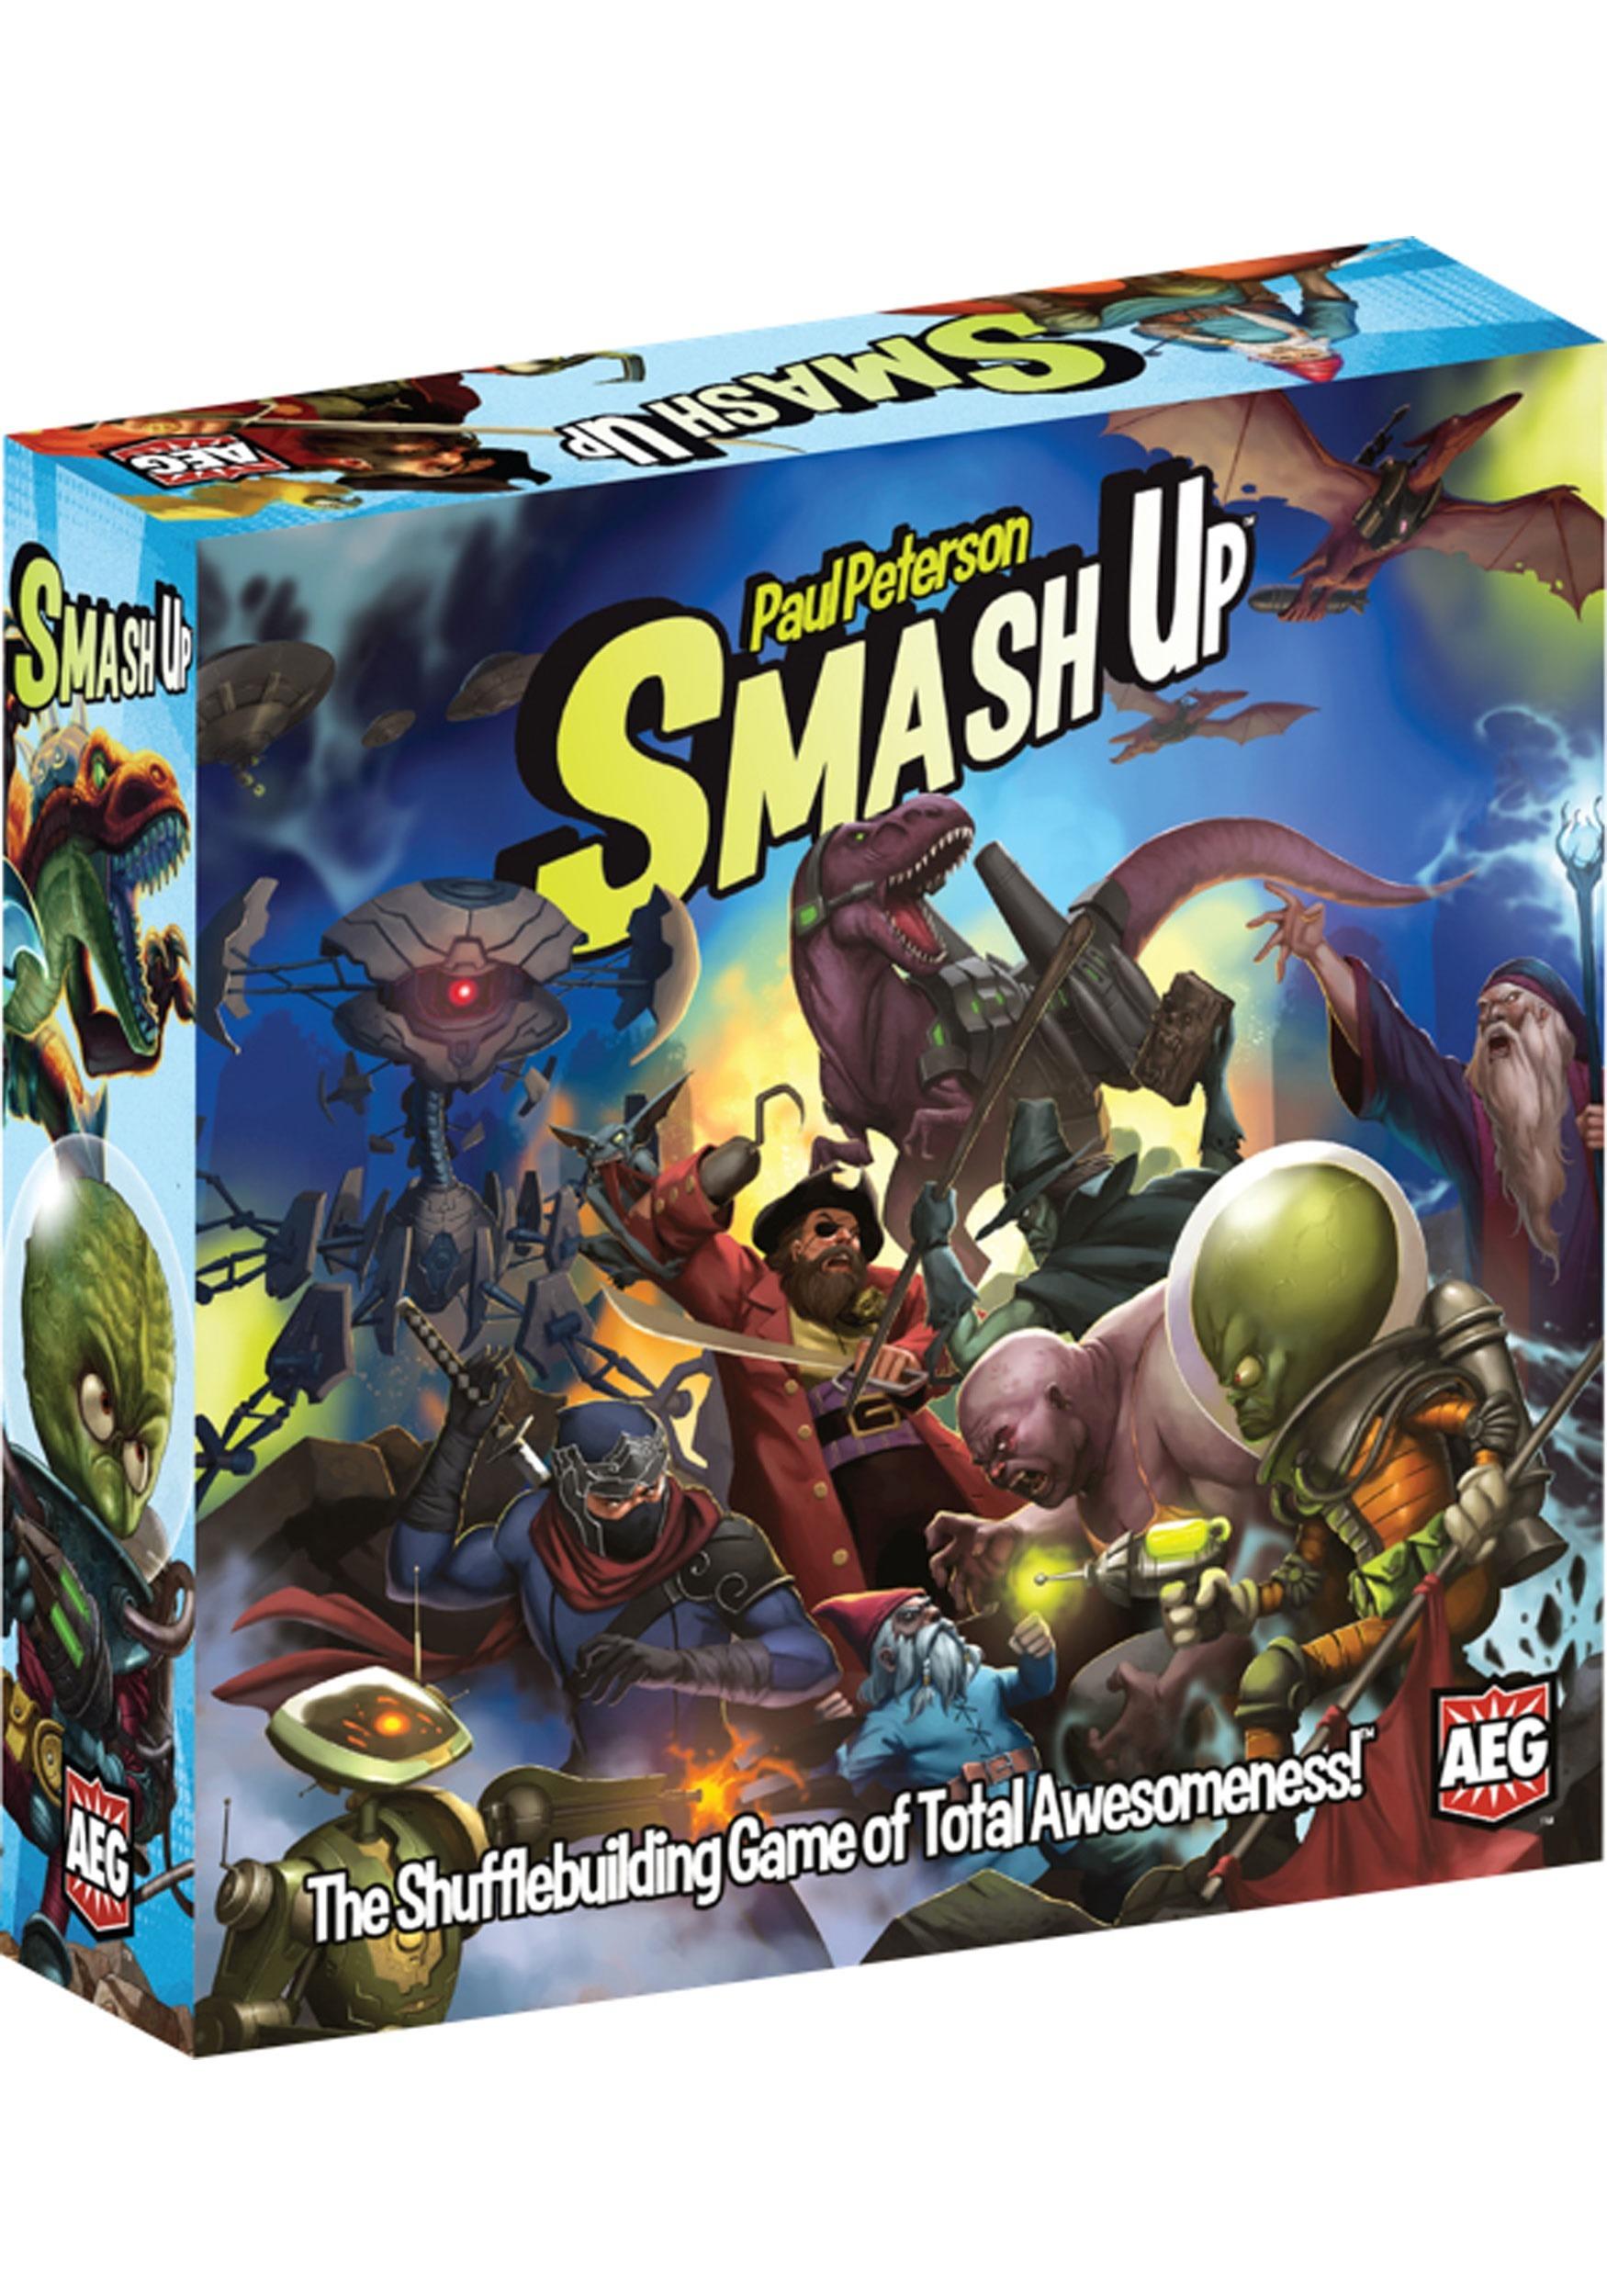 Smash_Up_Game